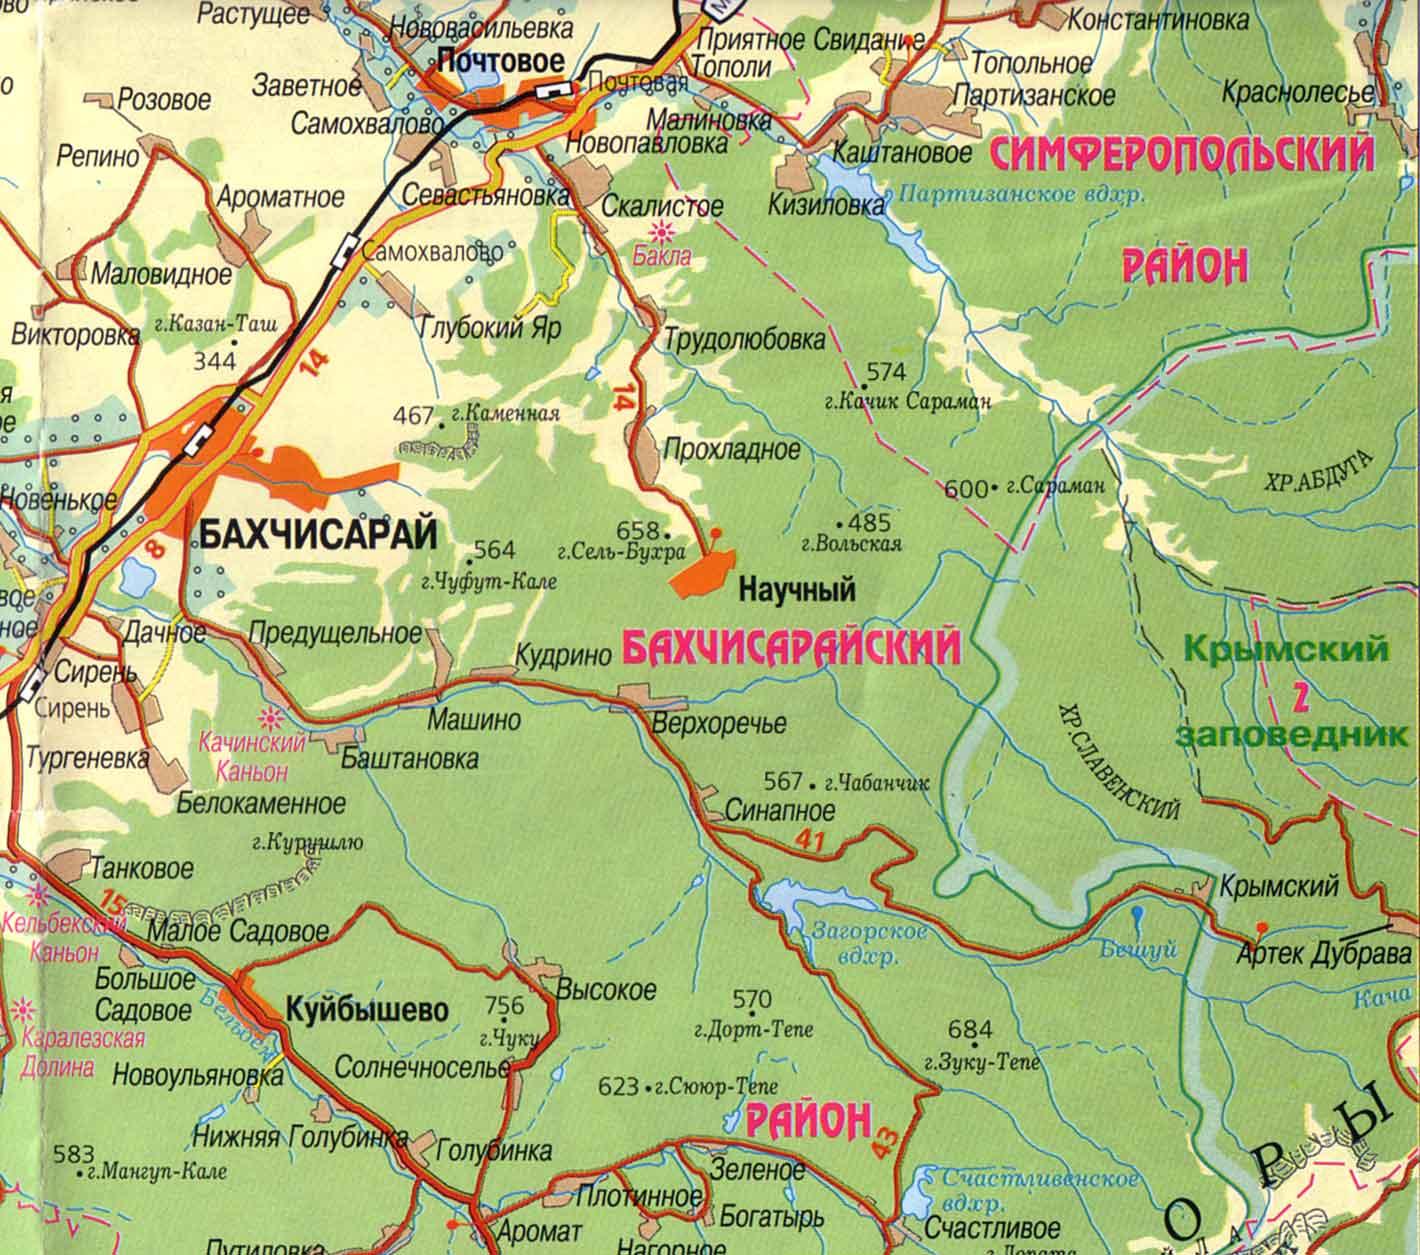 Крыма физическая карта крыма